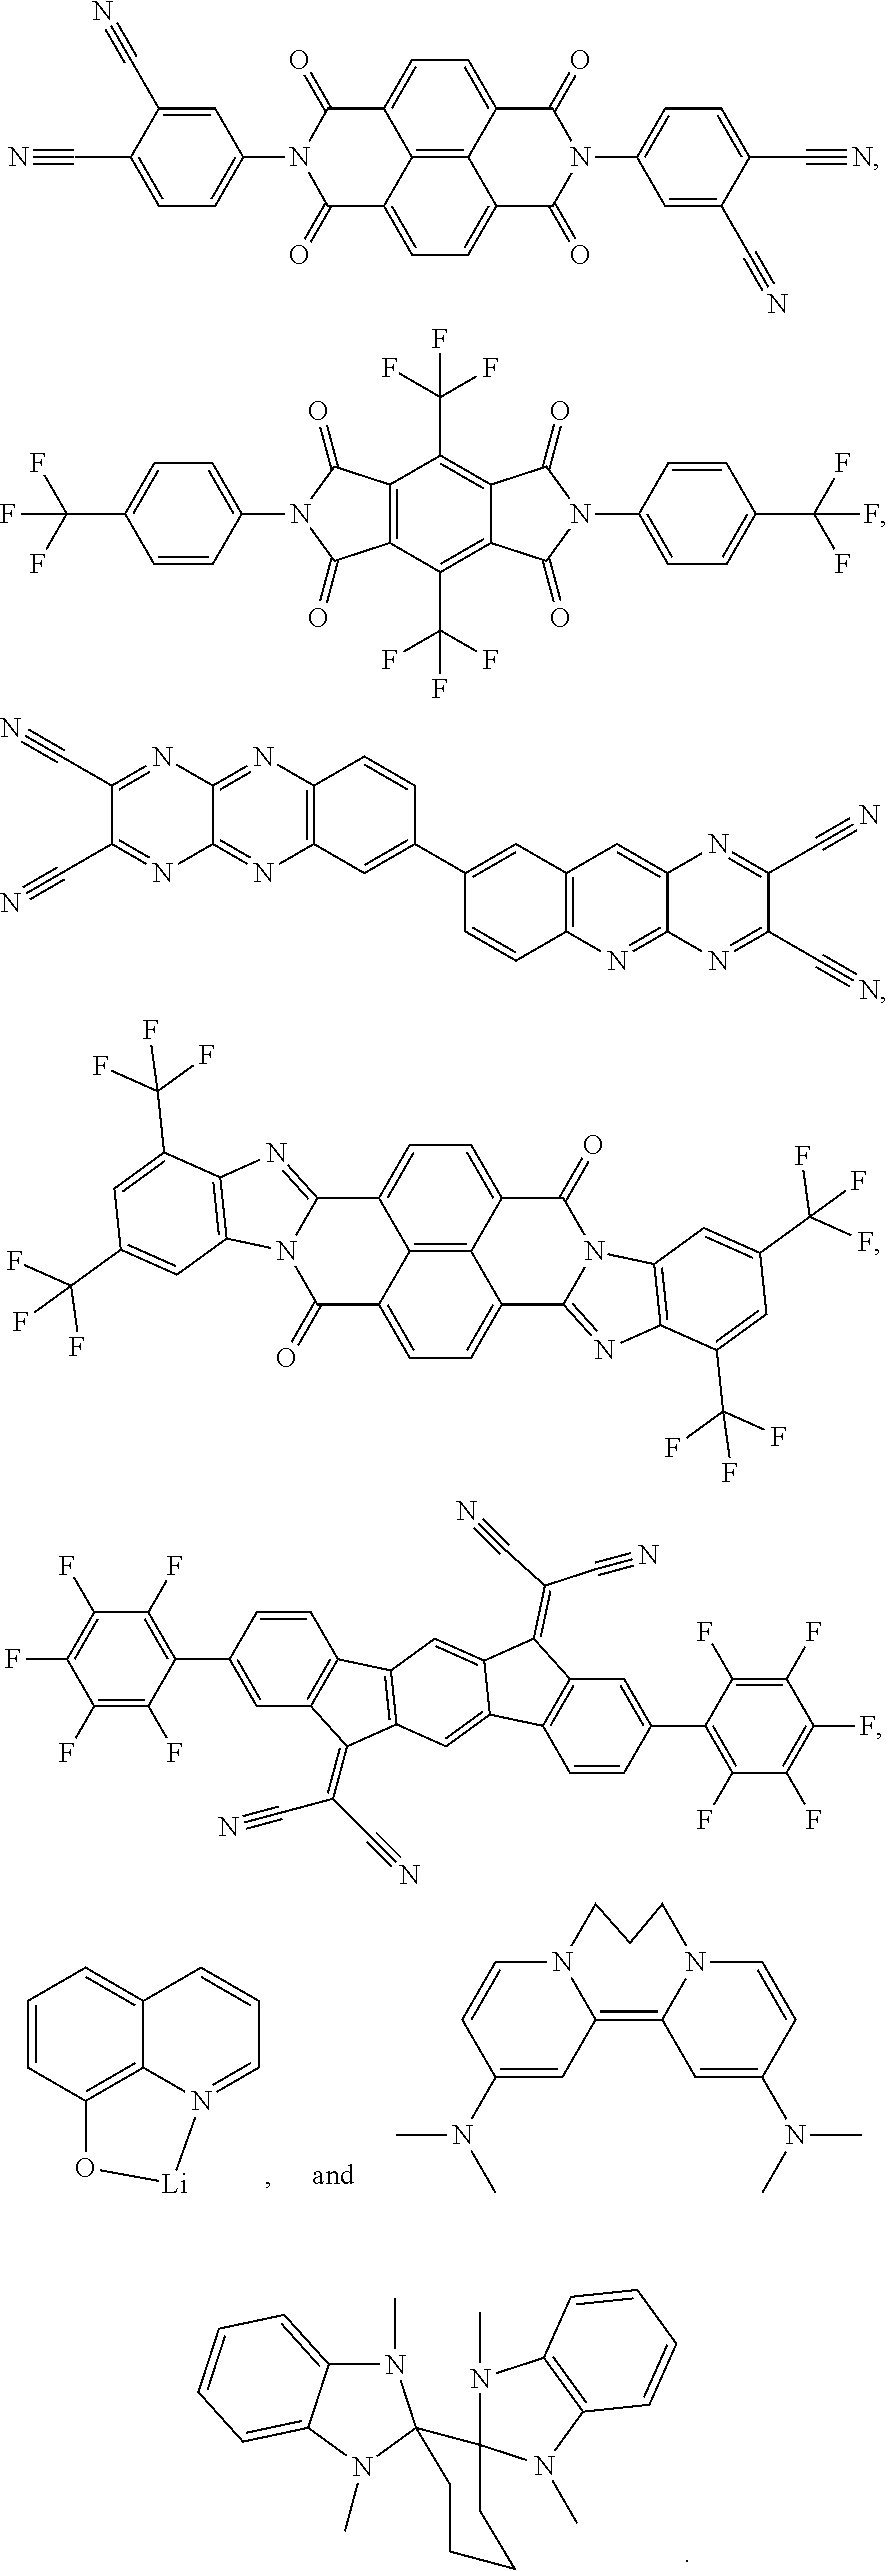 Figure US20190161504A1-20190530-C00020